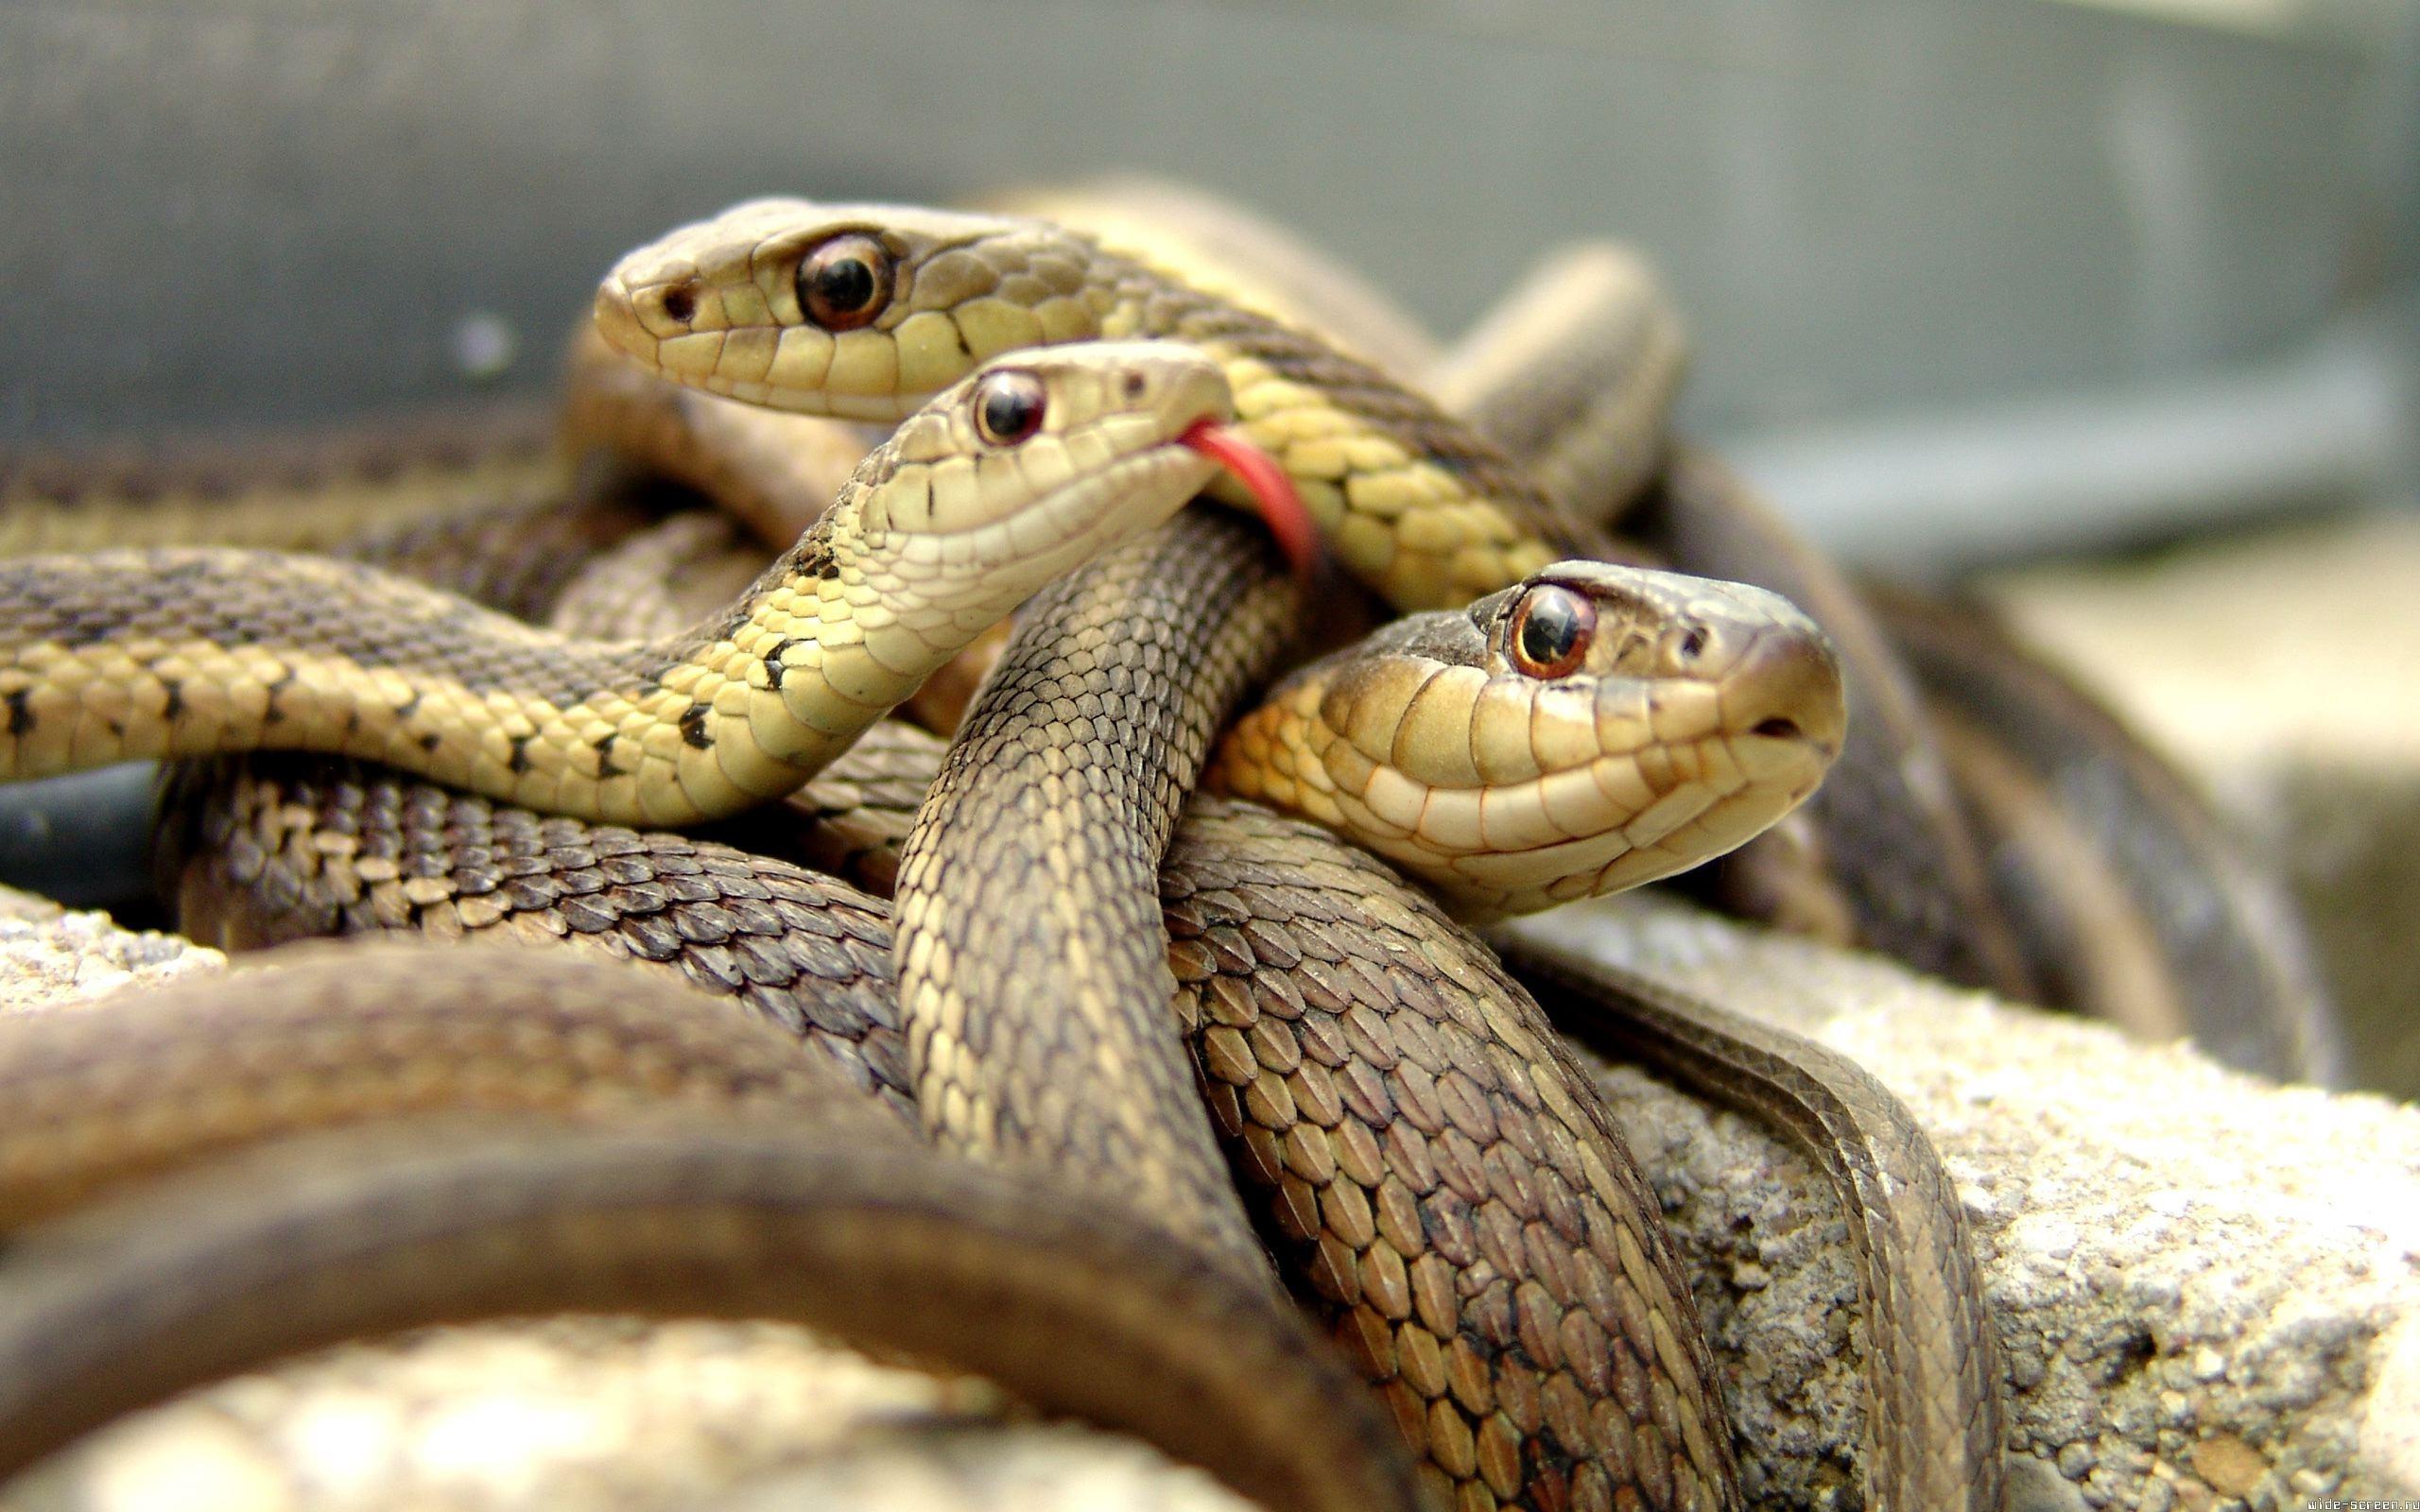 Familias de serpientes - 2560x1600